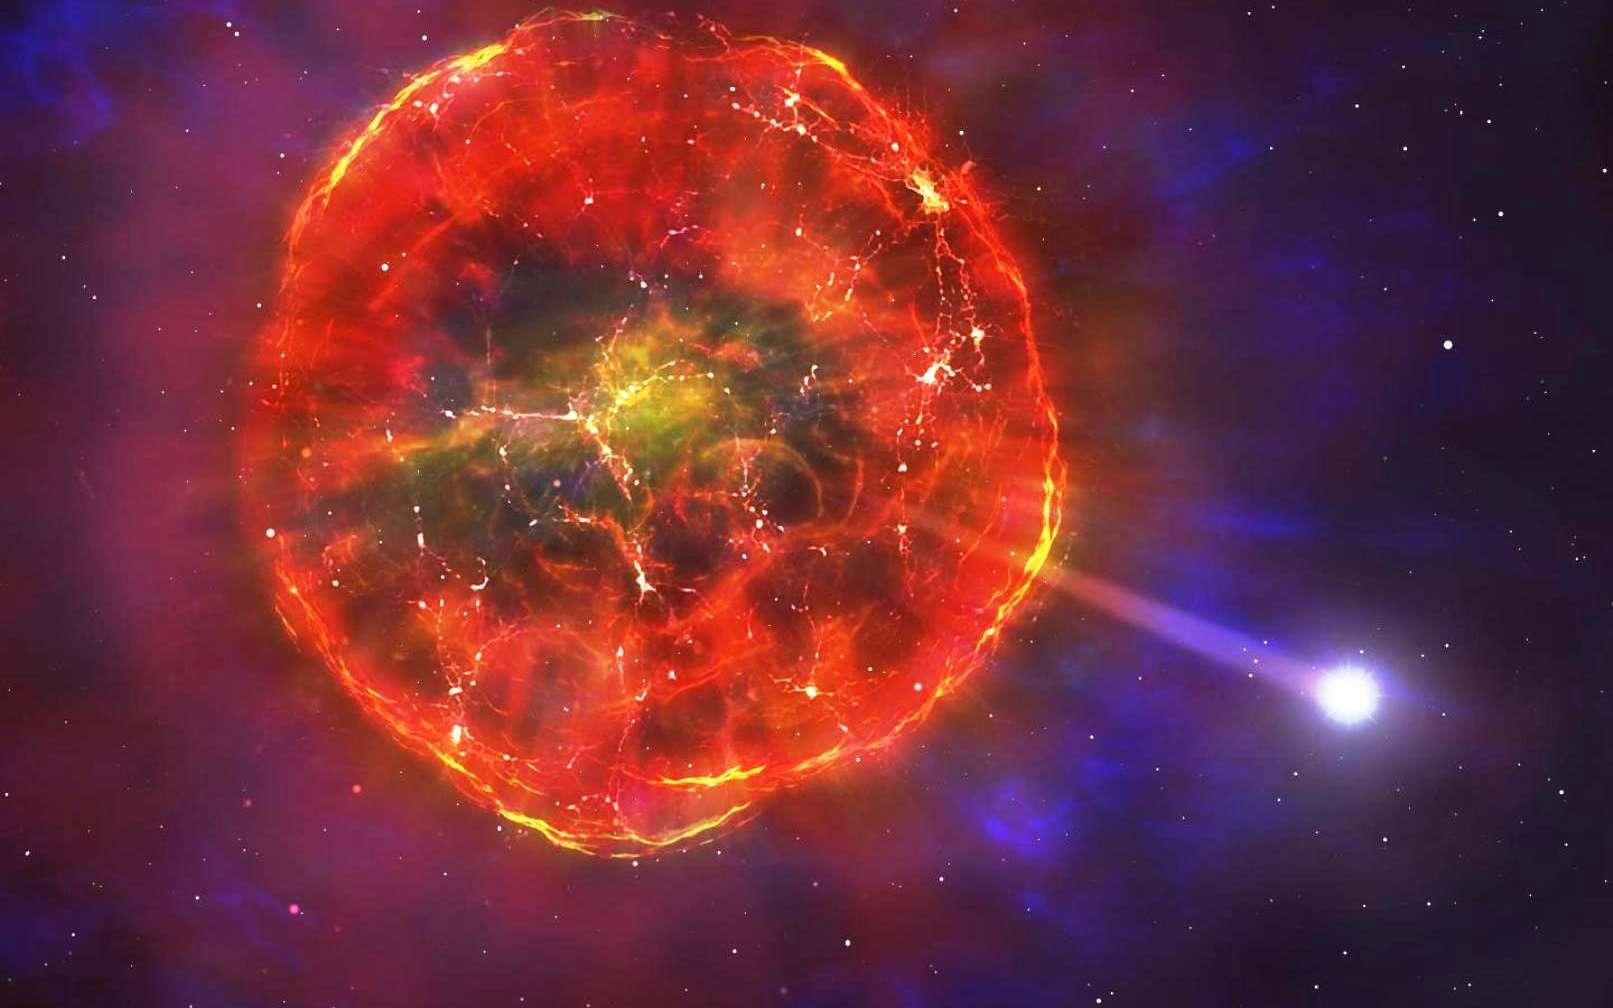 Sur cette vue d'artiste, la matière éjectée par une supernova SN Ia se dilate initialement très rapidement, mais ralentit ensuite progressivement, formant une bulle géante complexe de gaz incandescent et chaud. Finalement, la naine blanche qui a partiellement explosé (voir l'article) et qui a été éjectée de son système binaire, dépasse ces couches gazeuses et débute son voyage à travers la Galaxie. © University of Warwick, Mark Garlick